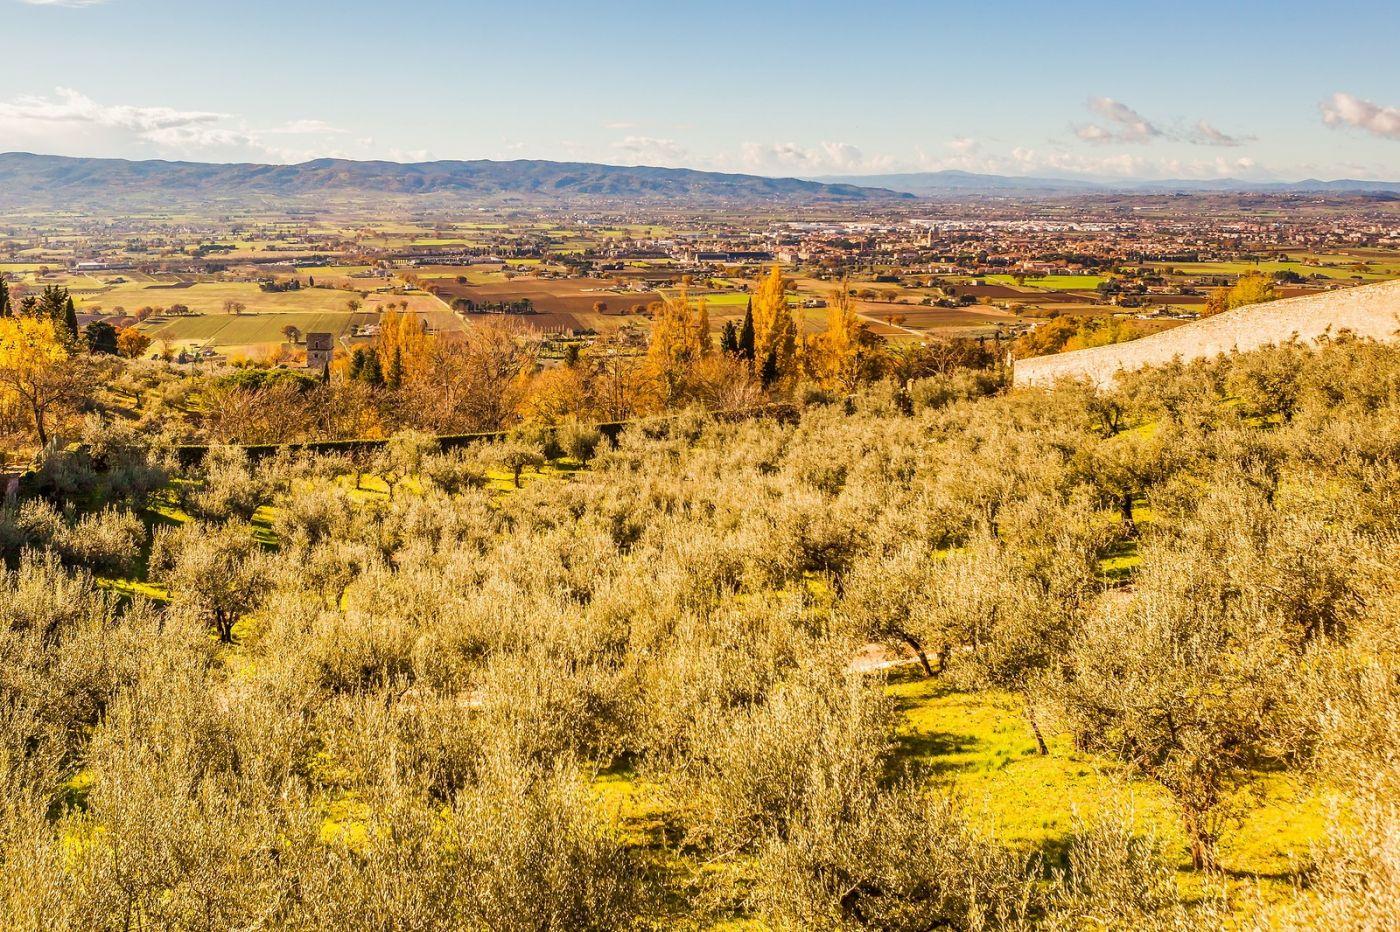 意大利阿西西(Assisi), 登高放眼_图1-23